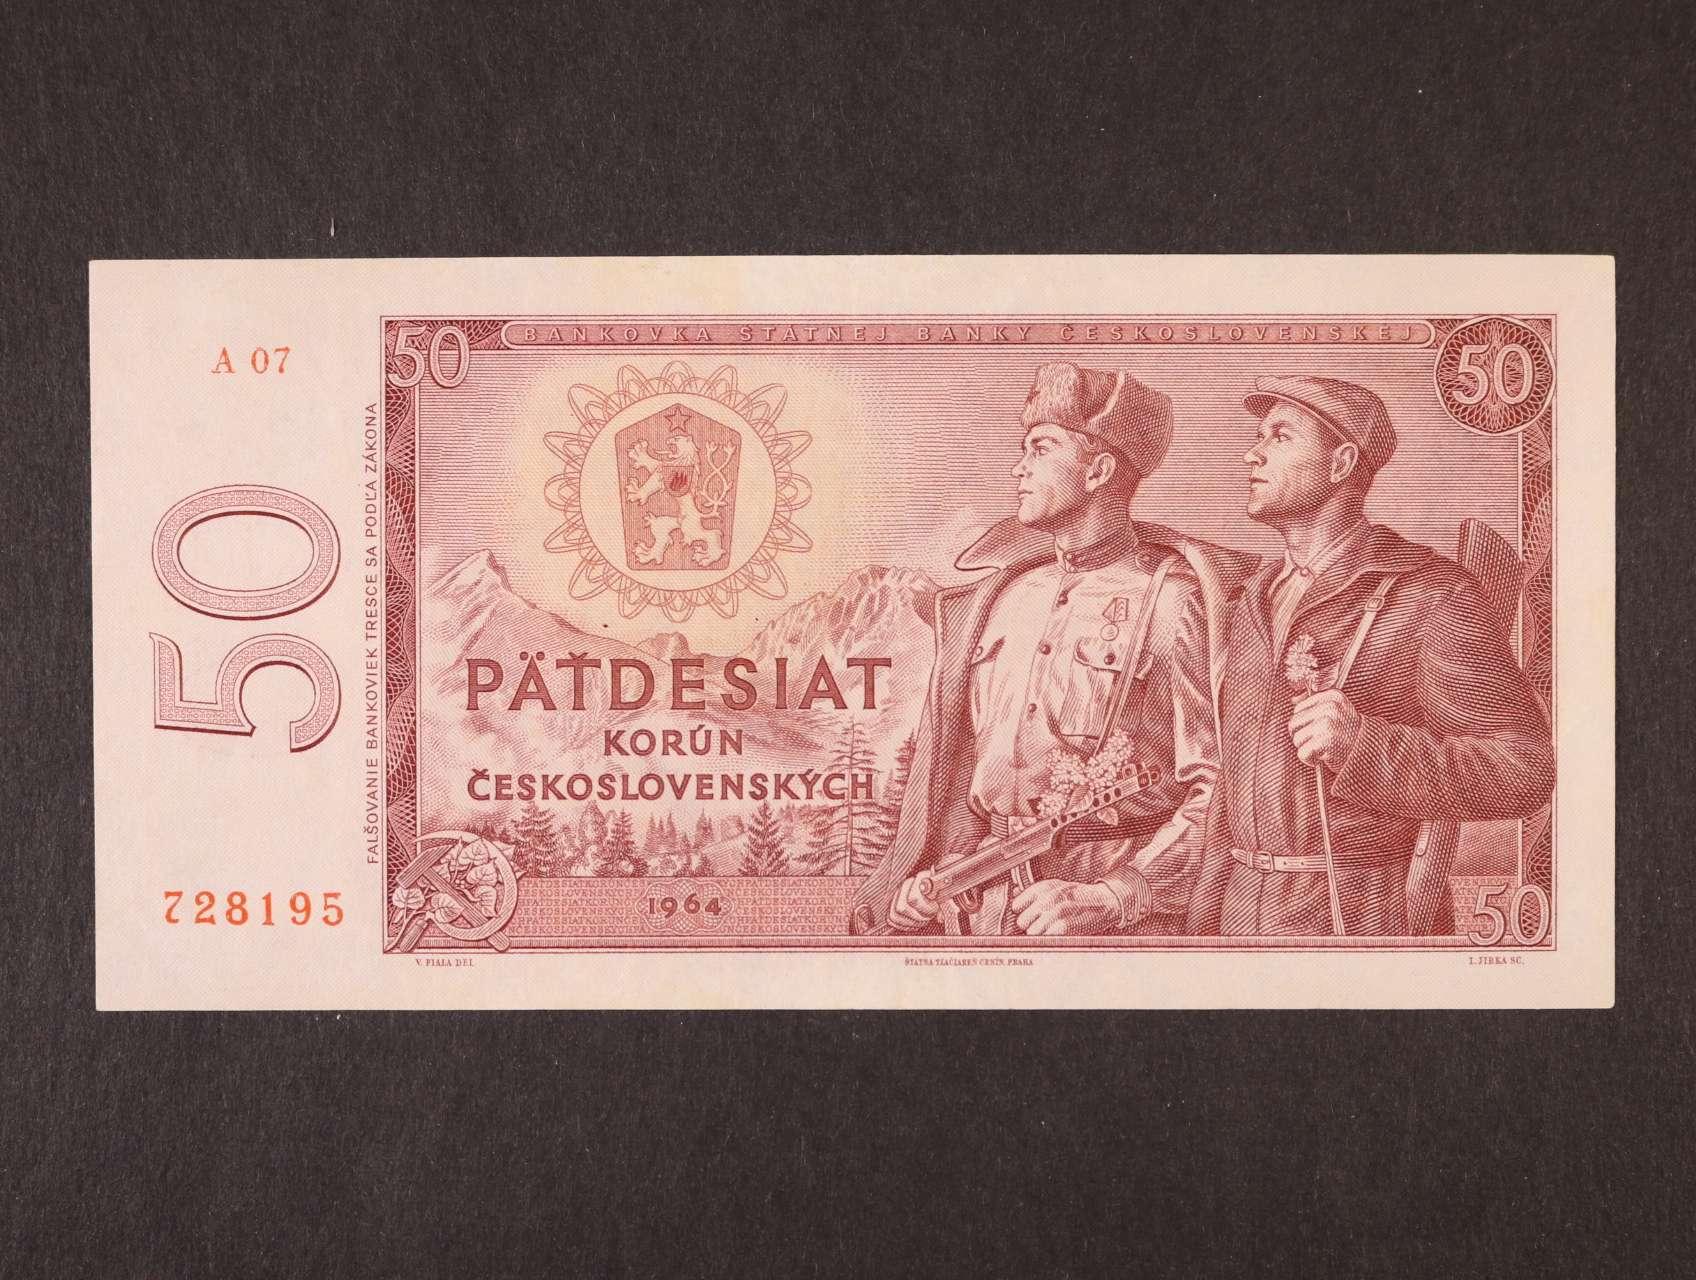 50 Kčs 1964 série A 07, Ba. 99b1, Pi. 90a